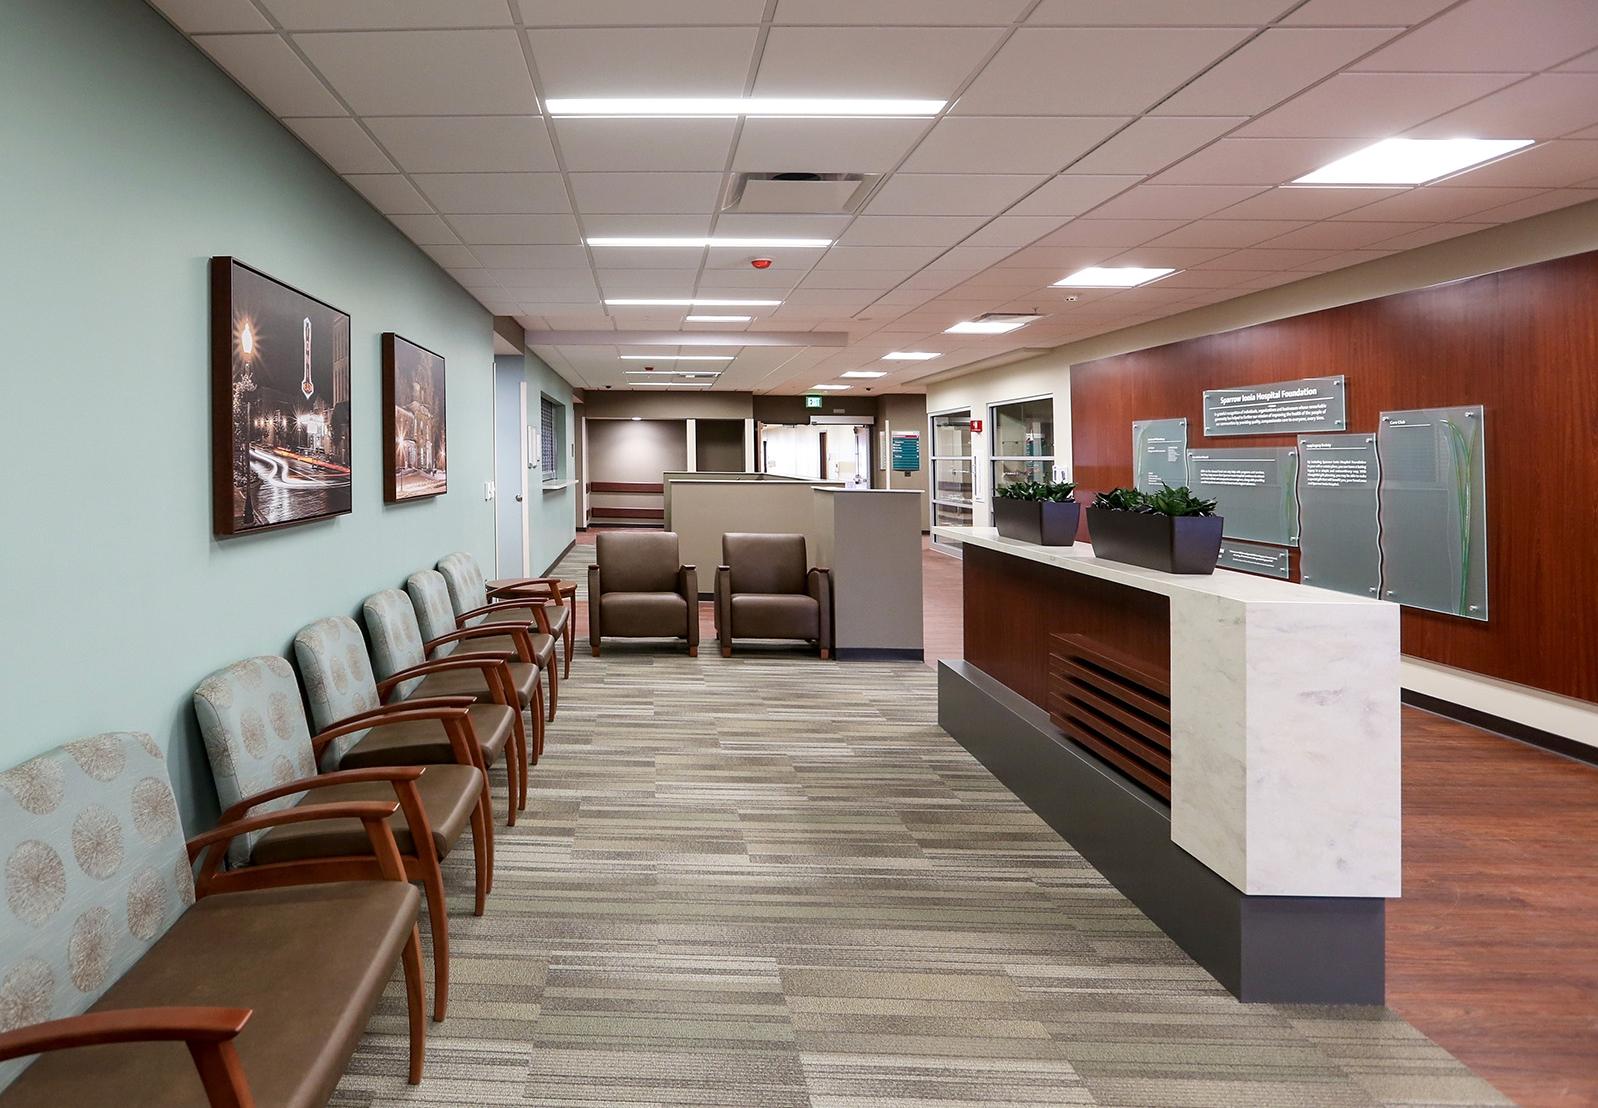 Sparrow Ionia Hospital  HobbsBlack Architects